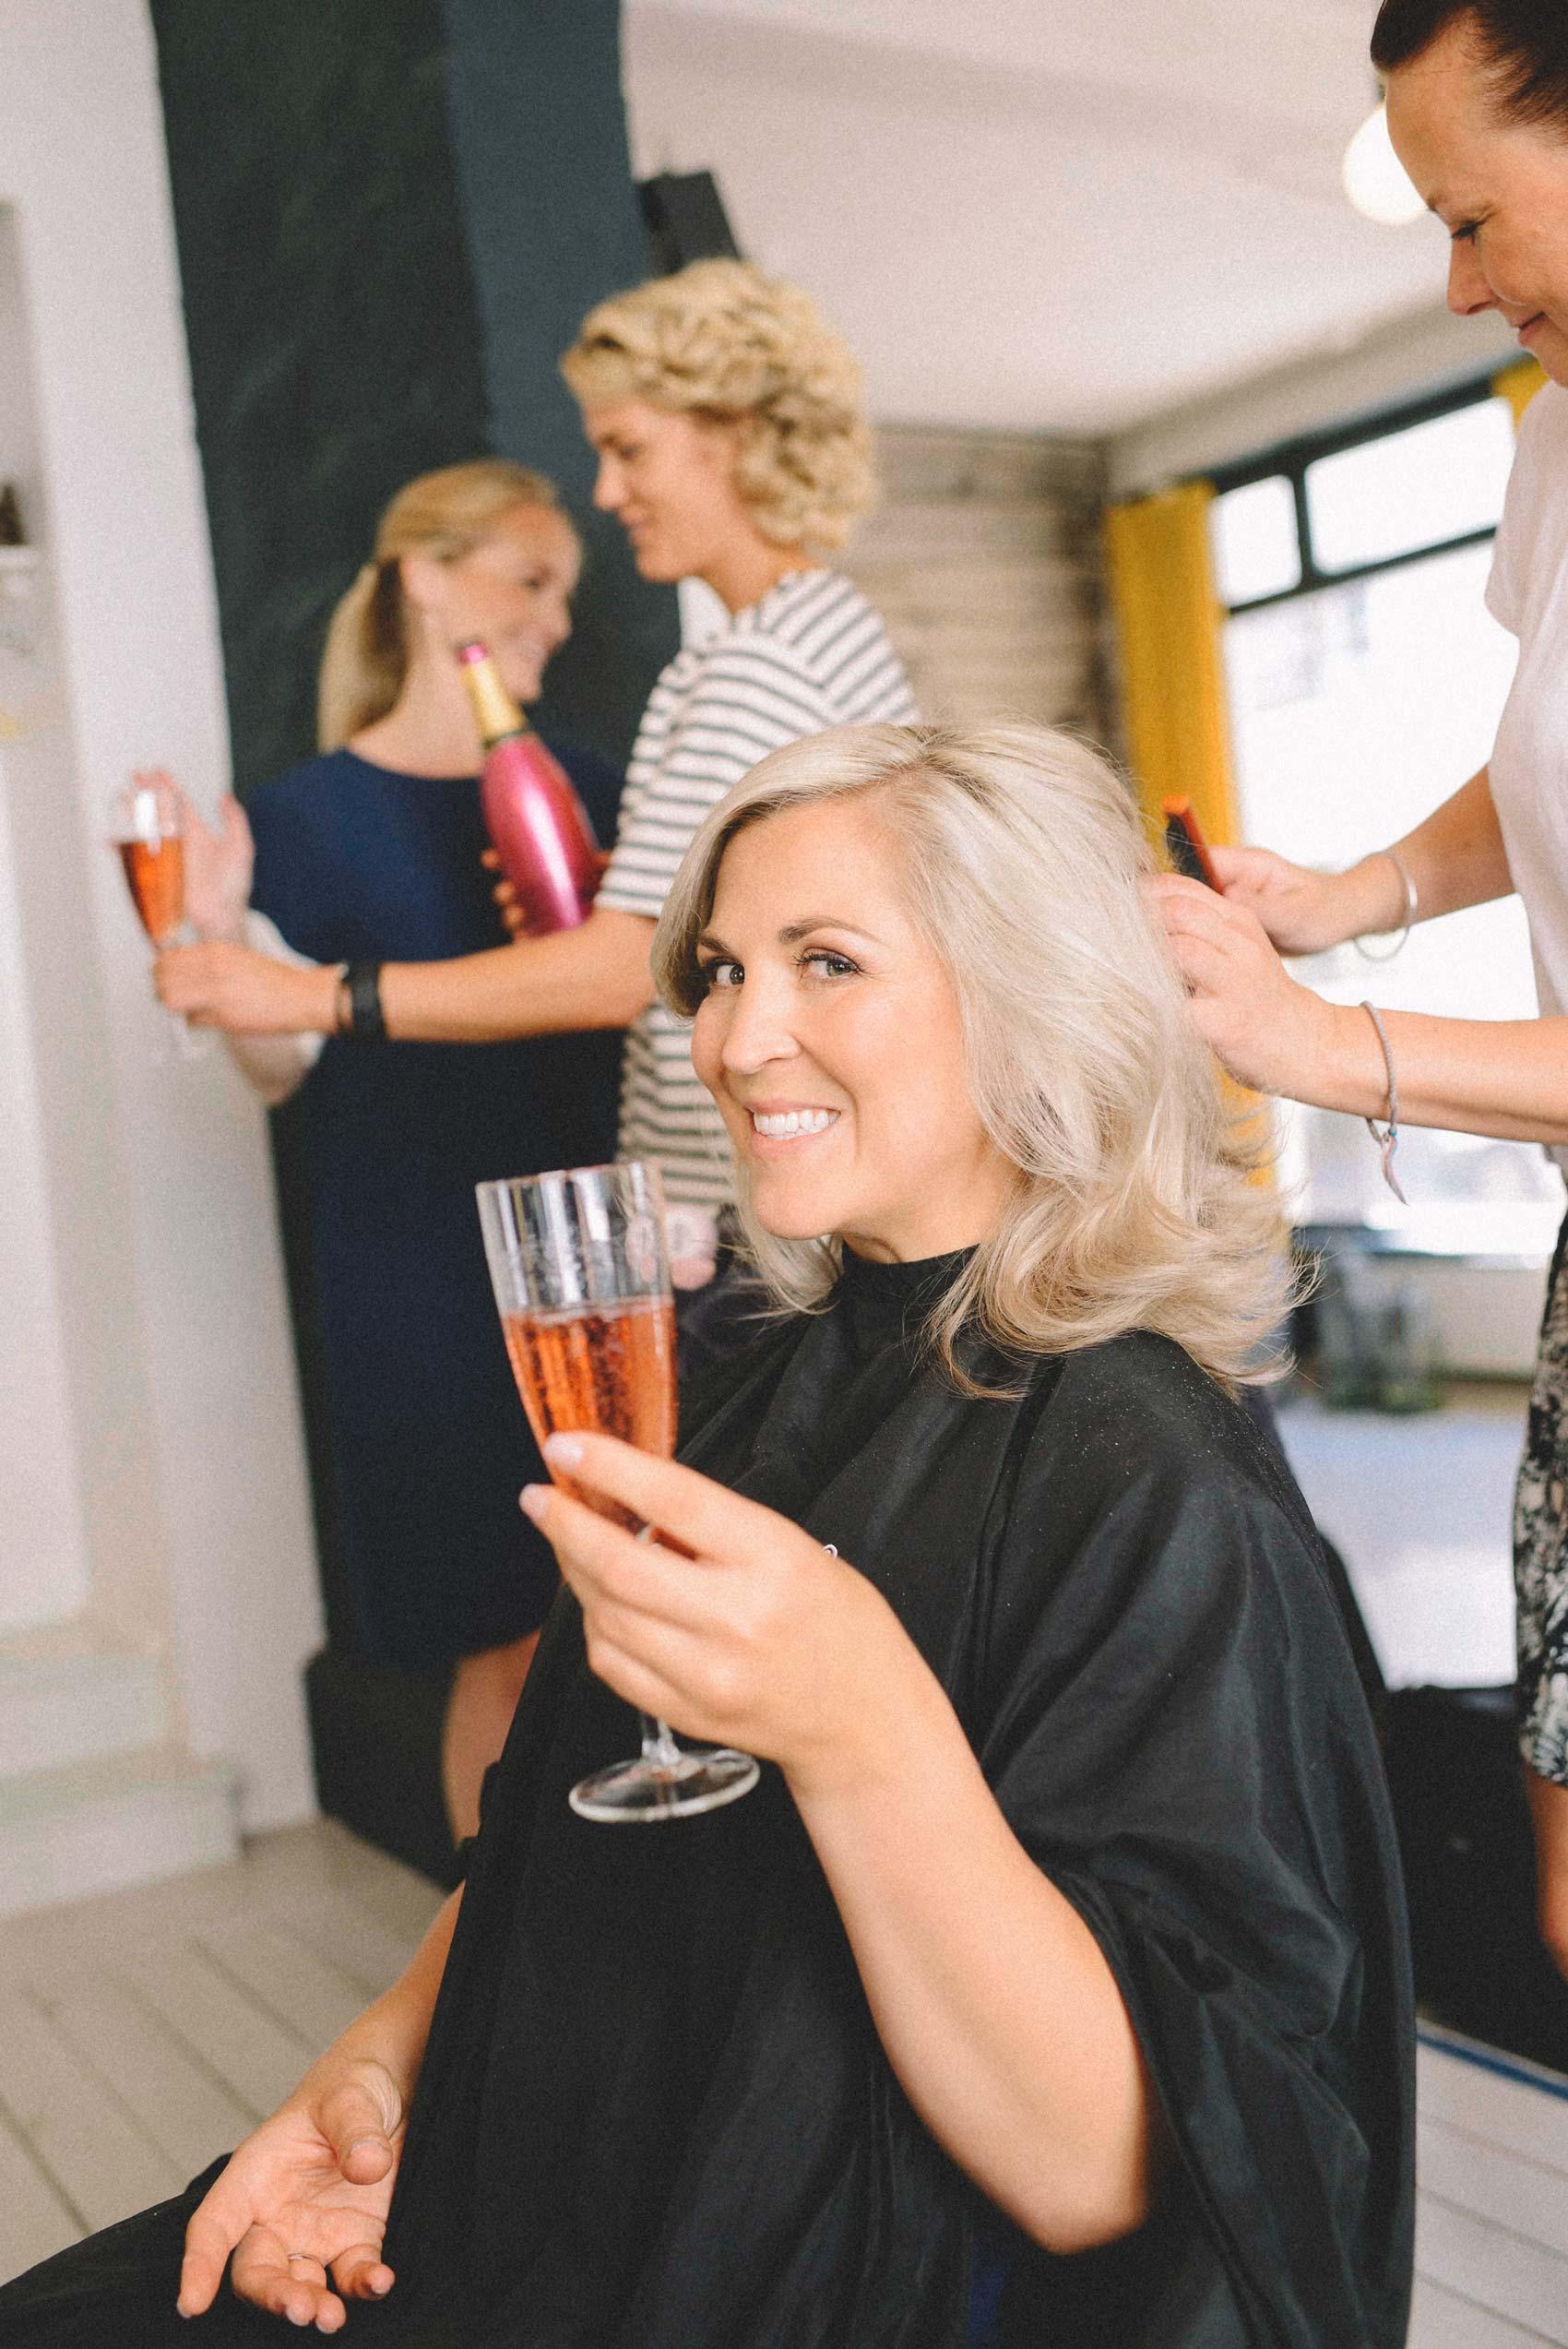 brud hos frisør, bryllupsfotografering fra Asker